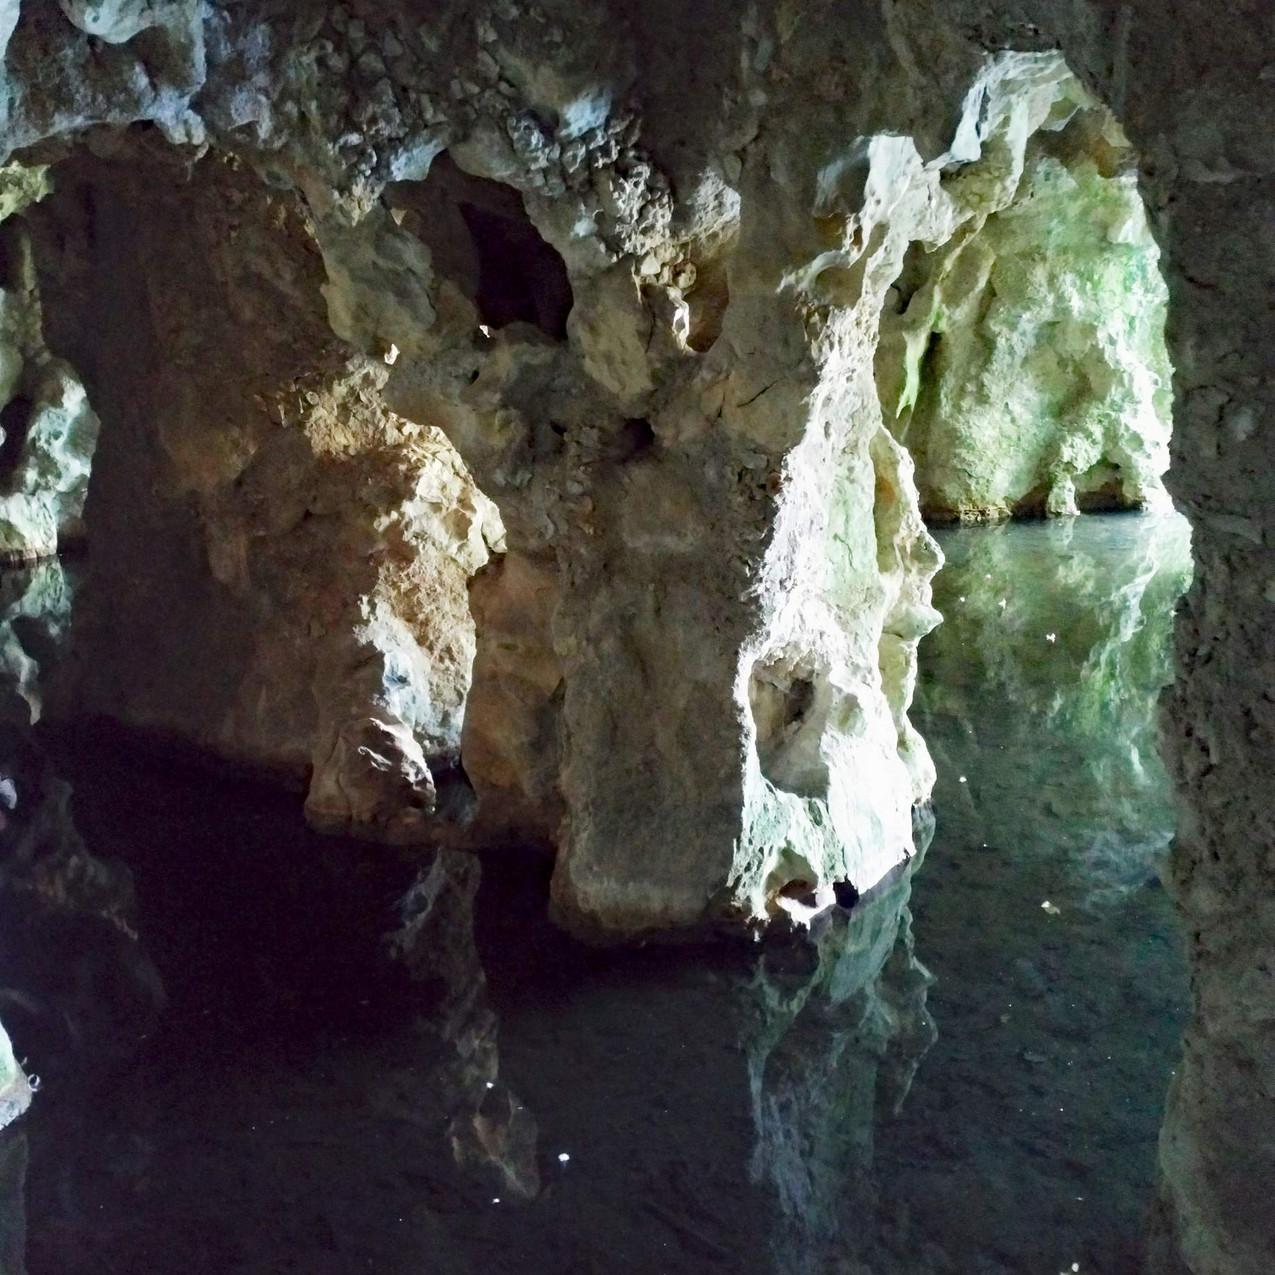 Quinta da Regaleira grotto